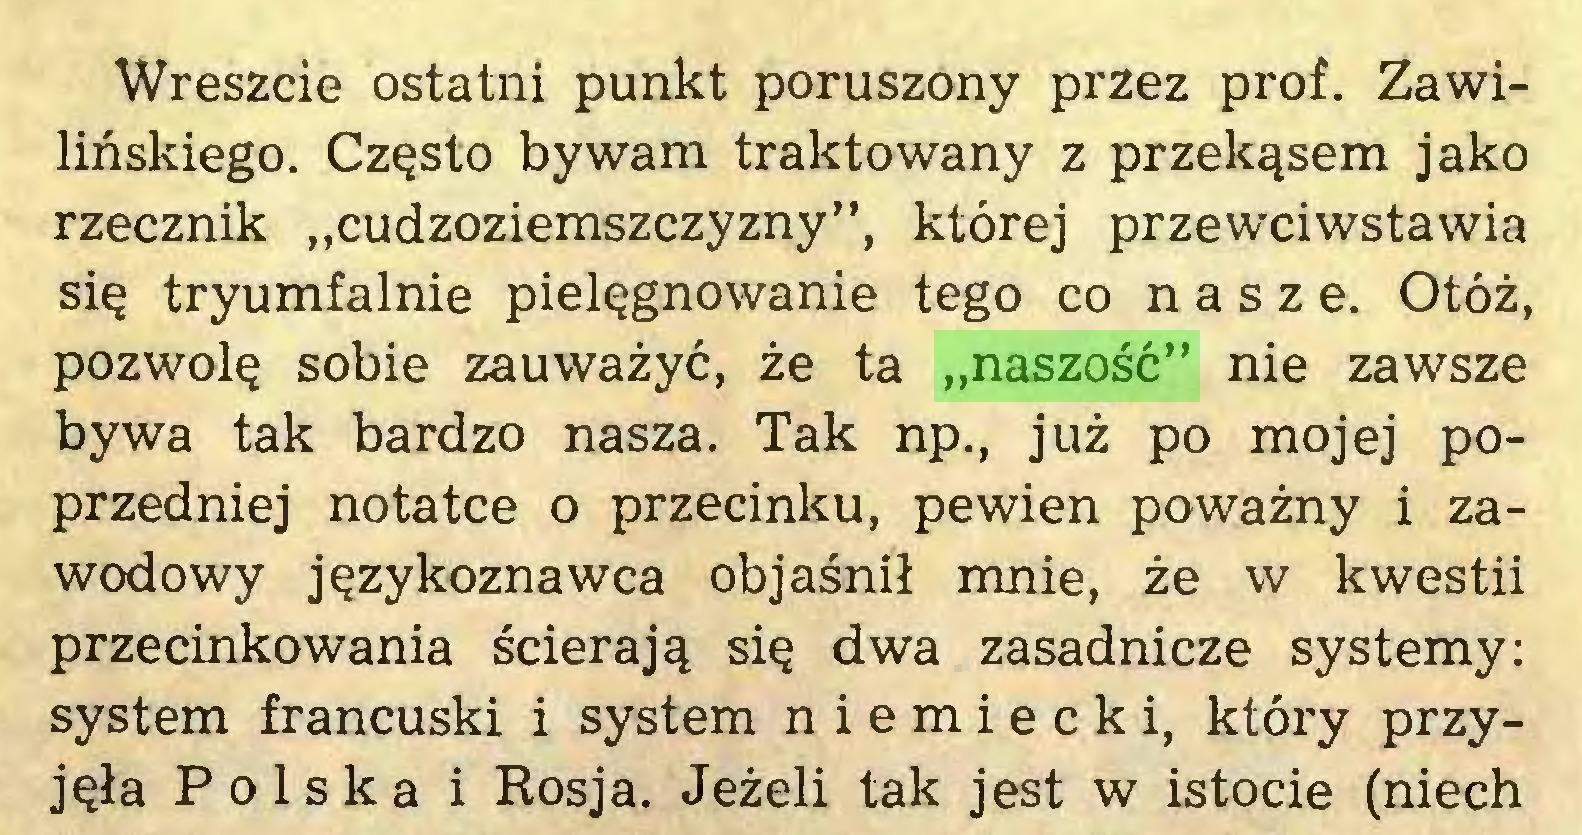 """(...) Wreszcie ostatni punkt poruszony przez prof. Zawilińskiego. Często bywam traktowany z przekąsem jako rzecznik """"cudzoziemszczyzny"""", której przewciwstawia się tryumfalnie pielęgnowanie tego co nasze. Otóż, pozwolę sobie zauważyć, że ta """"naszość"""" nie zawsze bywa tak bardzo nasza. Tak np., już po mojej poprzedniej notatce o przecinku, pewien poważny i zawodowy językoznawca objaśnił mnie, że w kwestii przecinkowania ścierają się dwa zasadnicze systemy: system francuski i system niemiecki, który przyjęła Polska i Rosja. Jeżeli tak jest w istocie (niech..."""